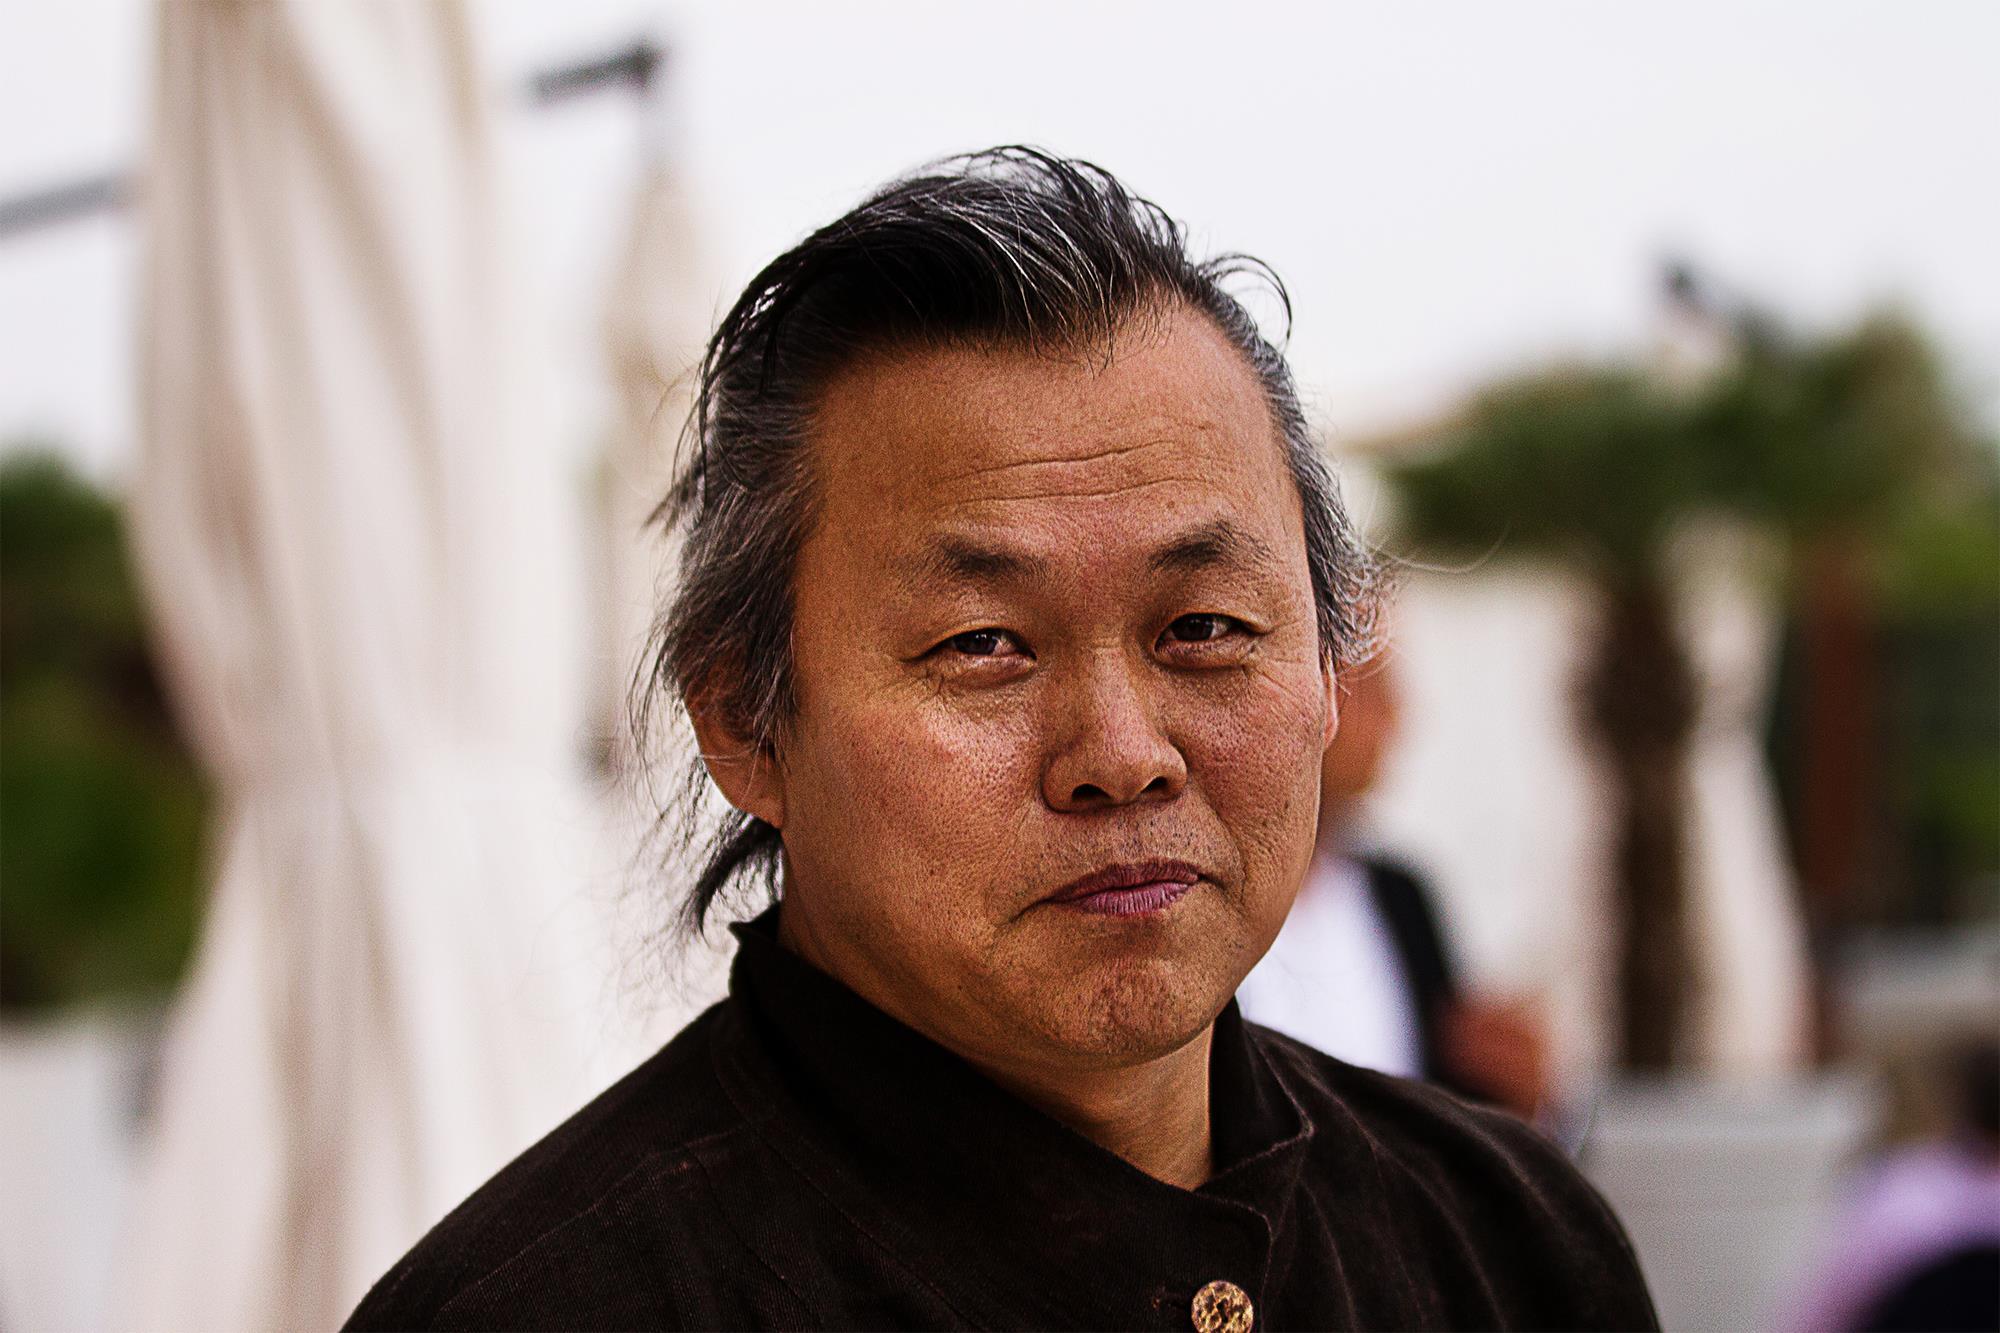 I migliori film di Kim Ki-duk - LongTake - La passione per il cinema ha una nuova regia